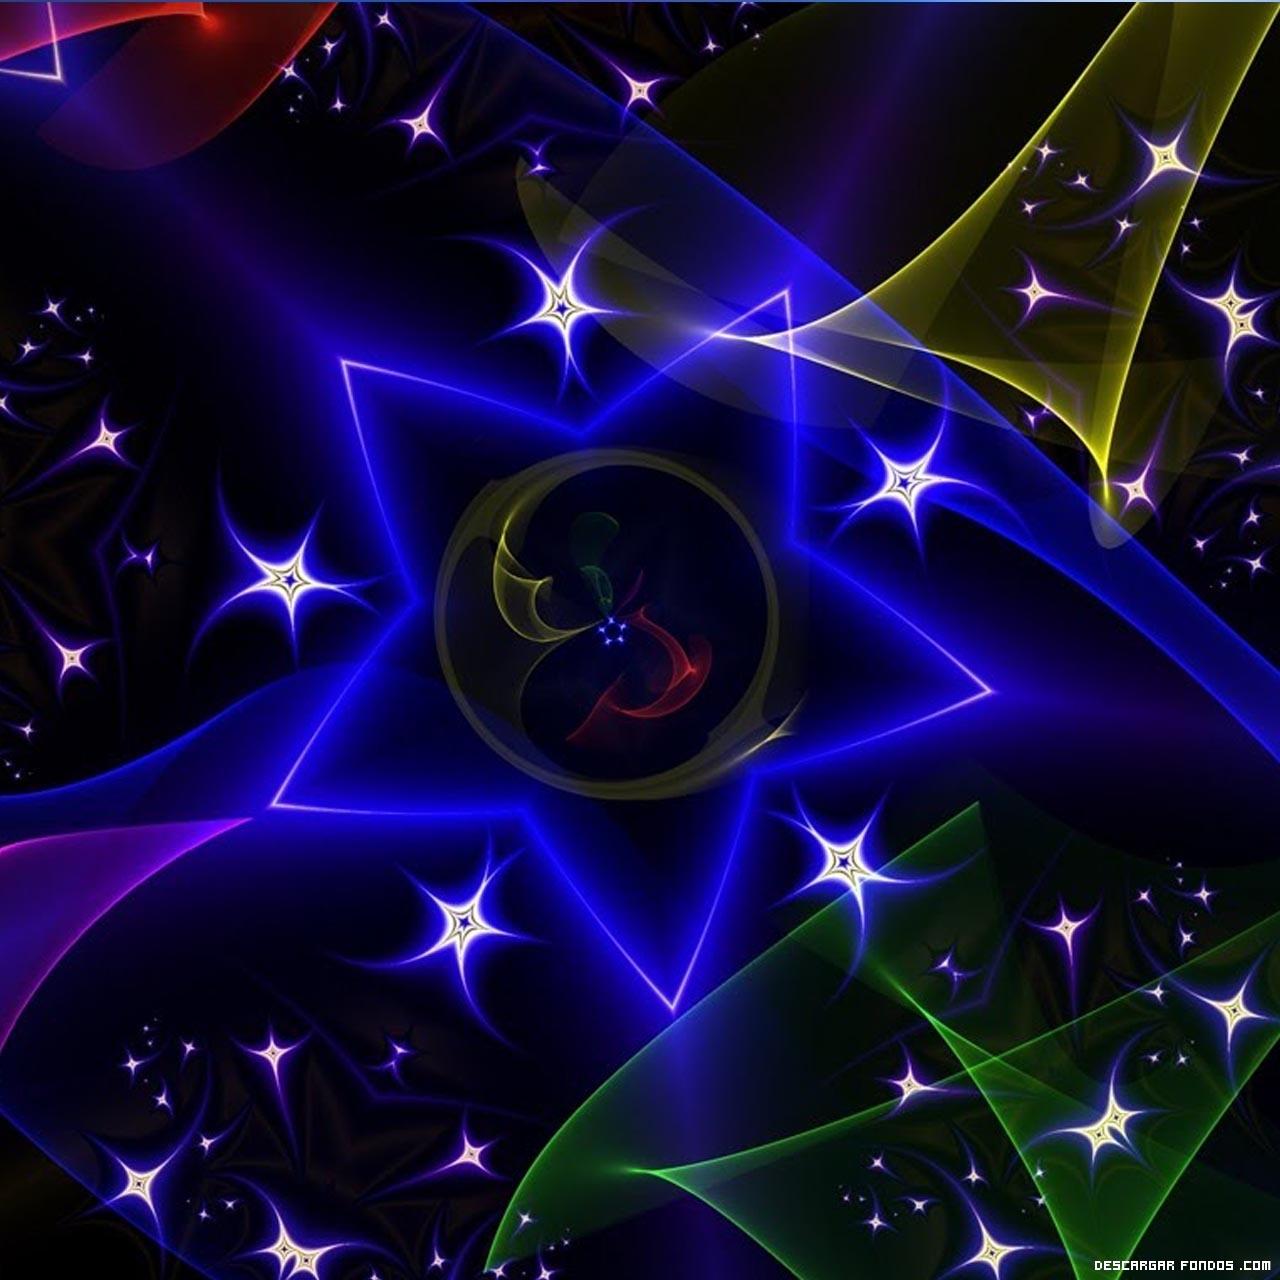 Dise o de estrellas for Disenos de estrellas